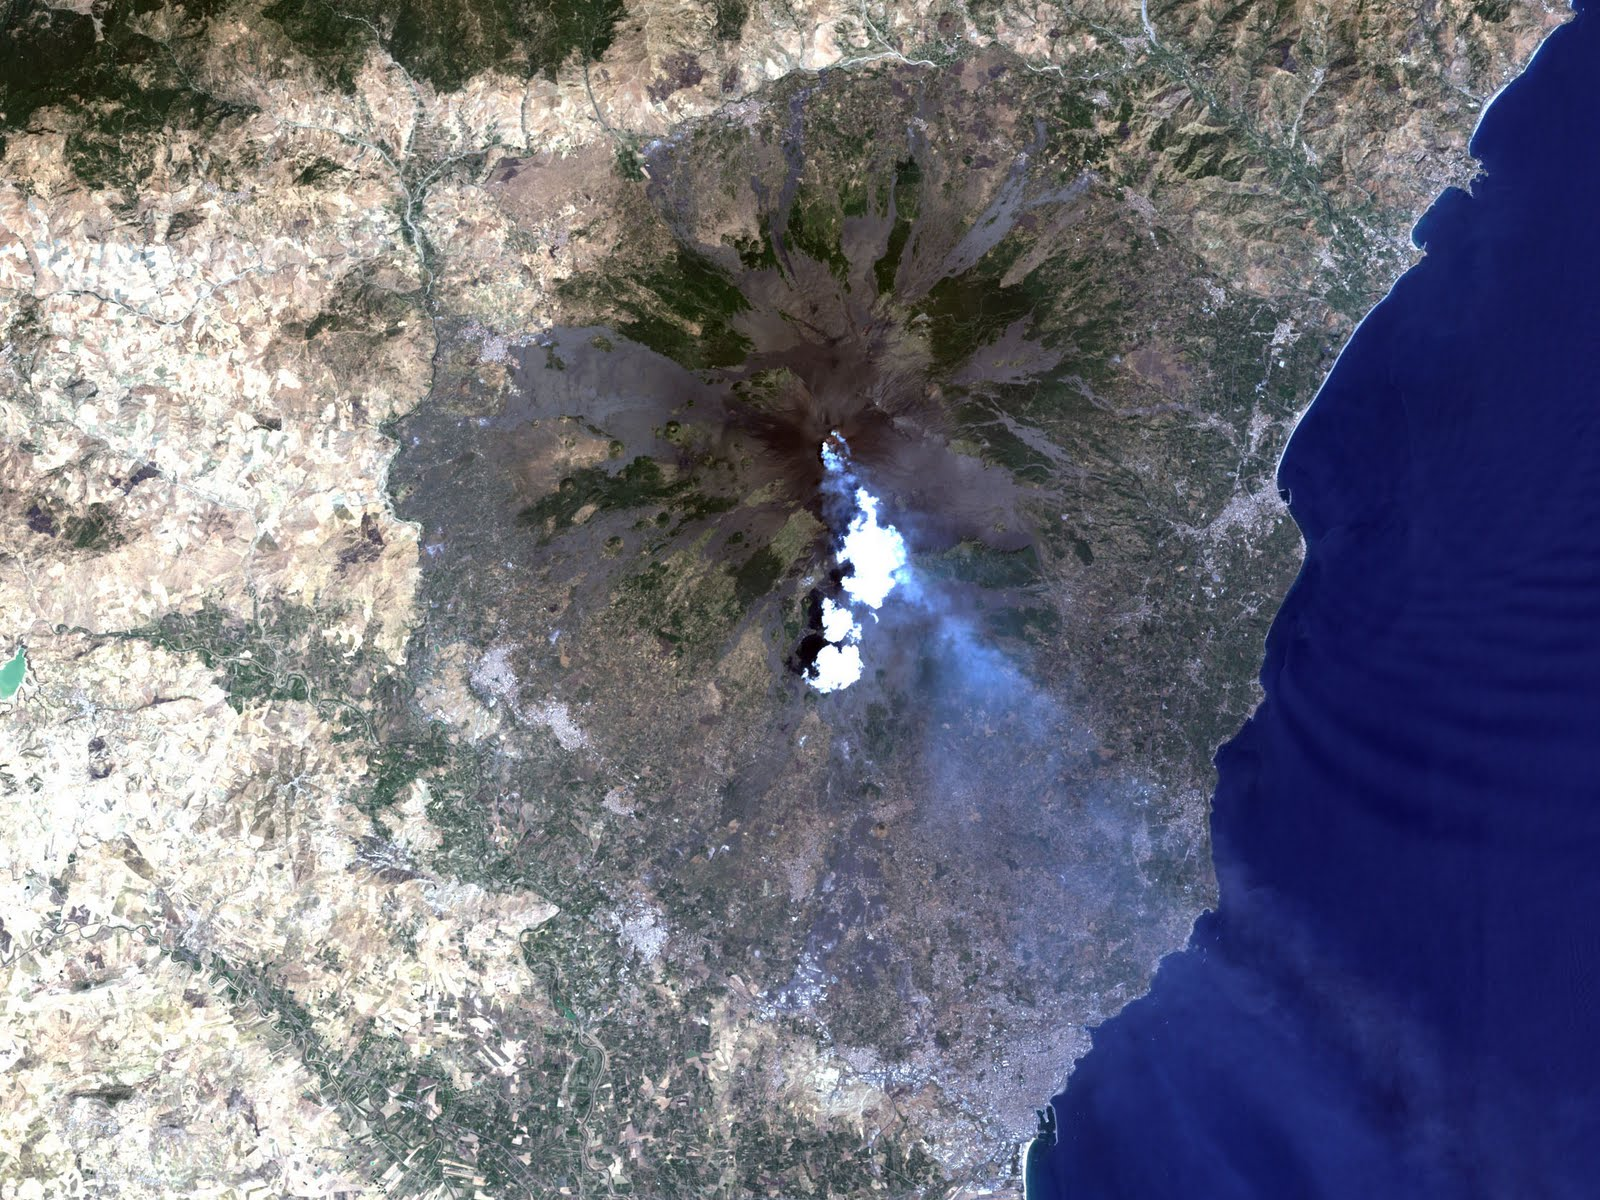 http://2.bp.blogspot.com/--4HEDm6T8d0/TjgdyHE3WjI/AAAAAAAACeY/3XVlm9M4uWU/s1600/Mount_Etna_HD_Photo_.jpg